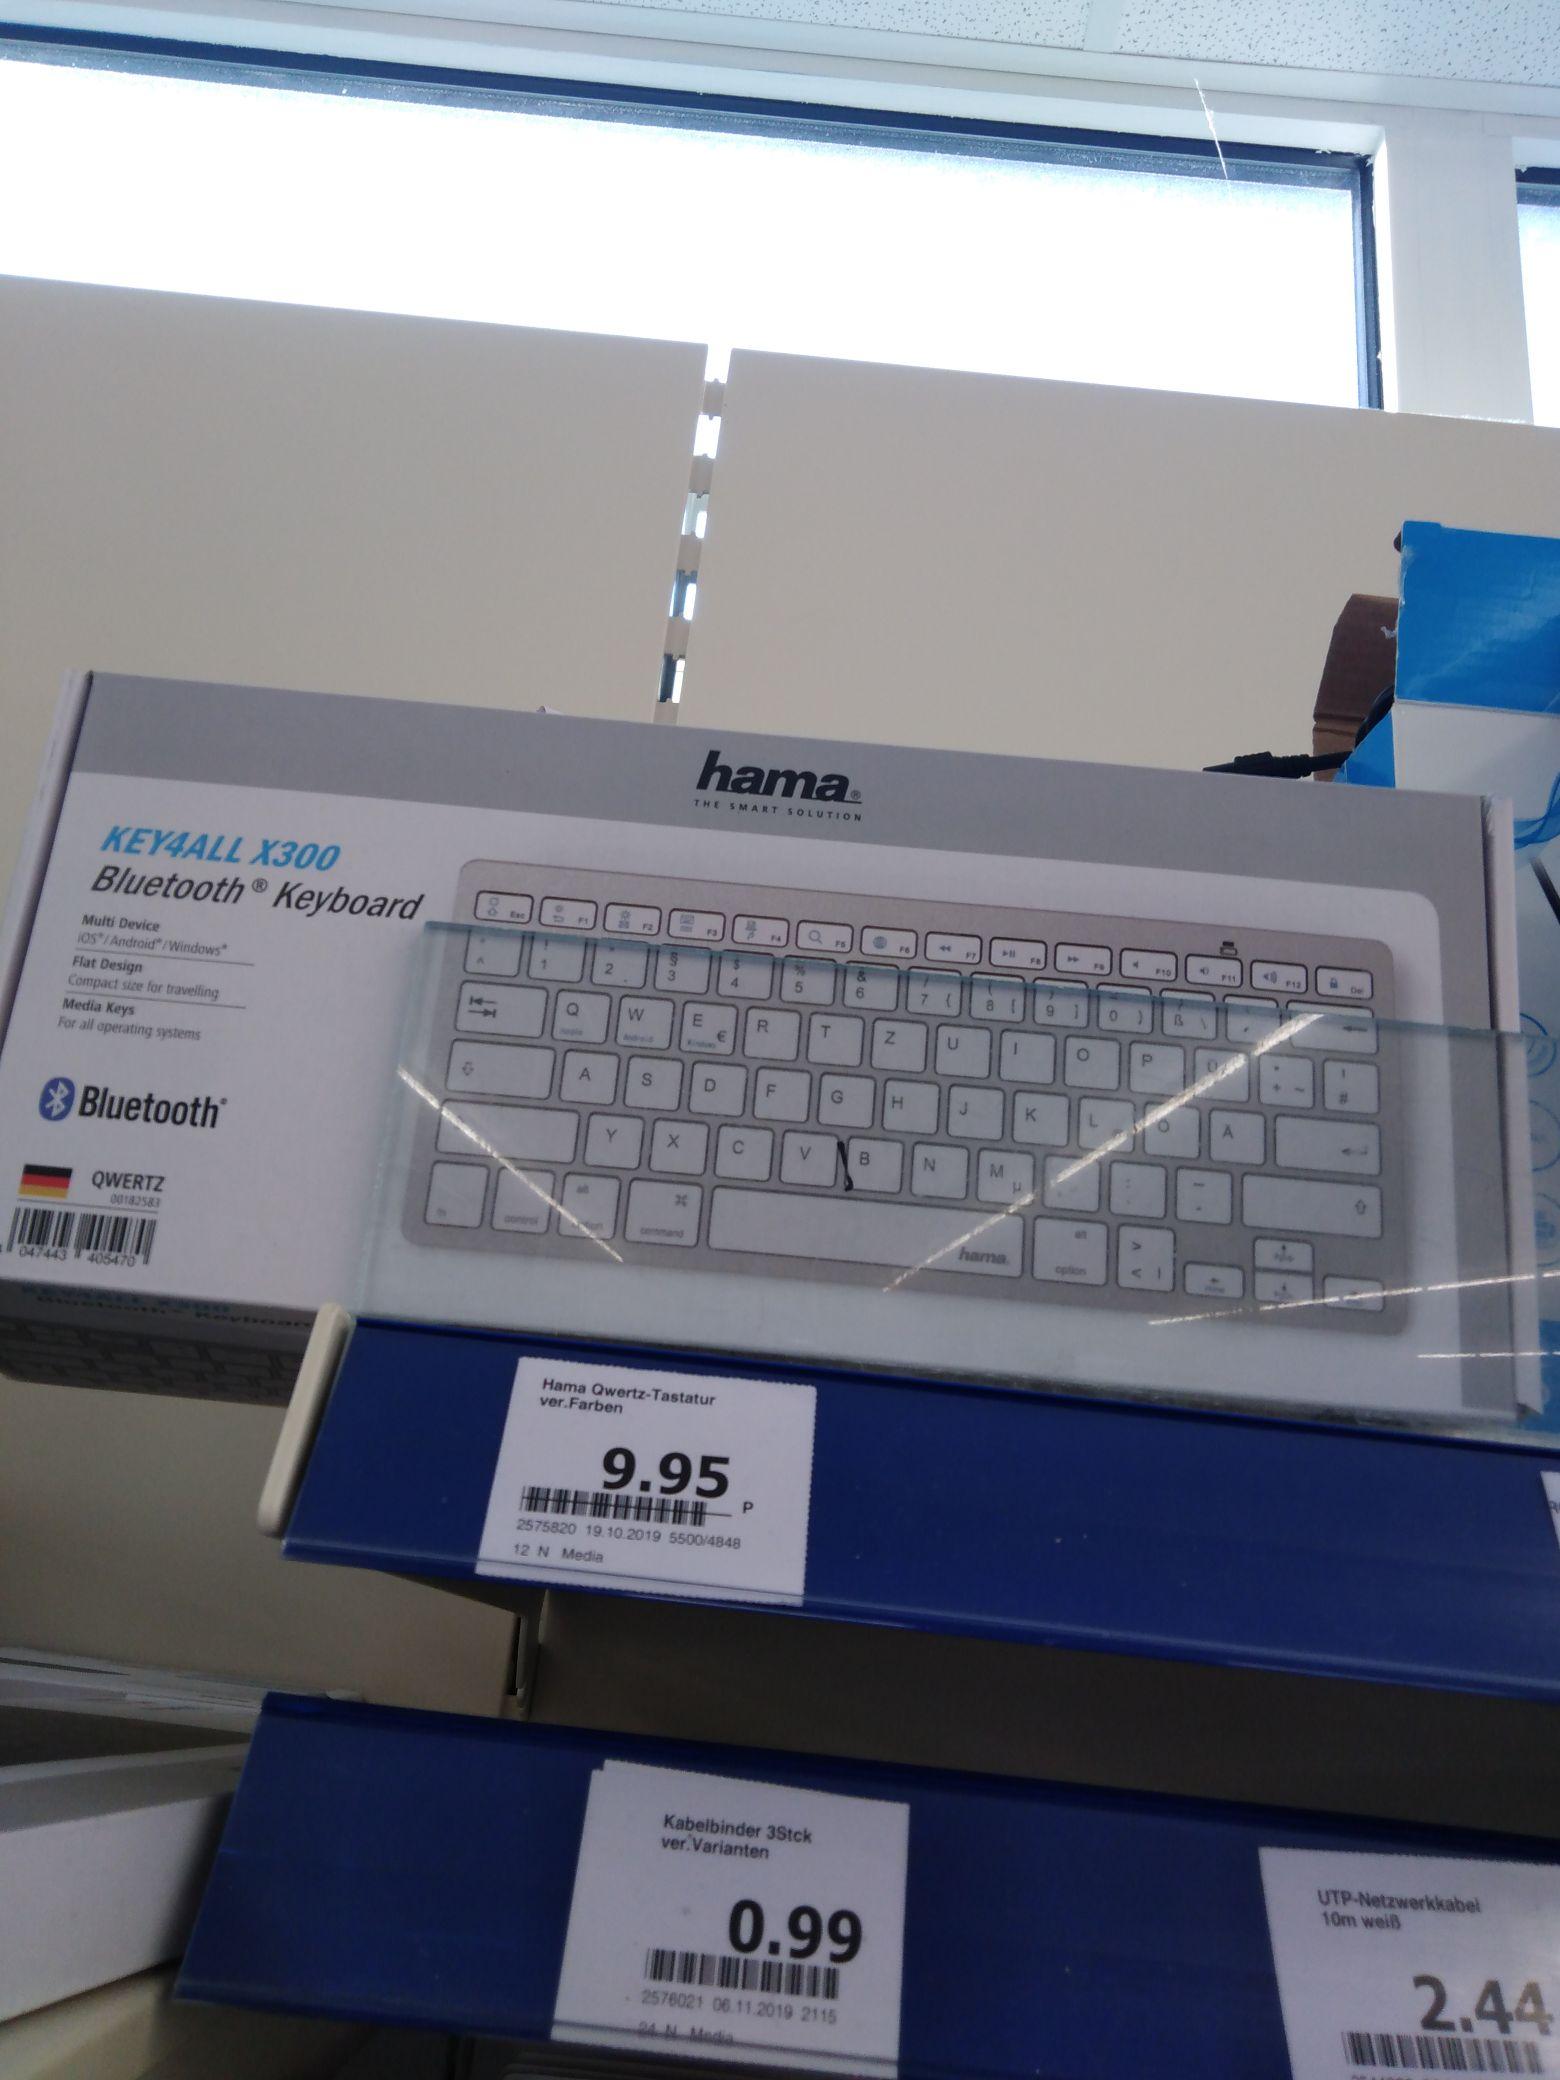 Hama Bluetooth Tastatur Key4All X300